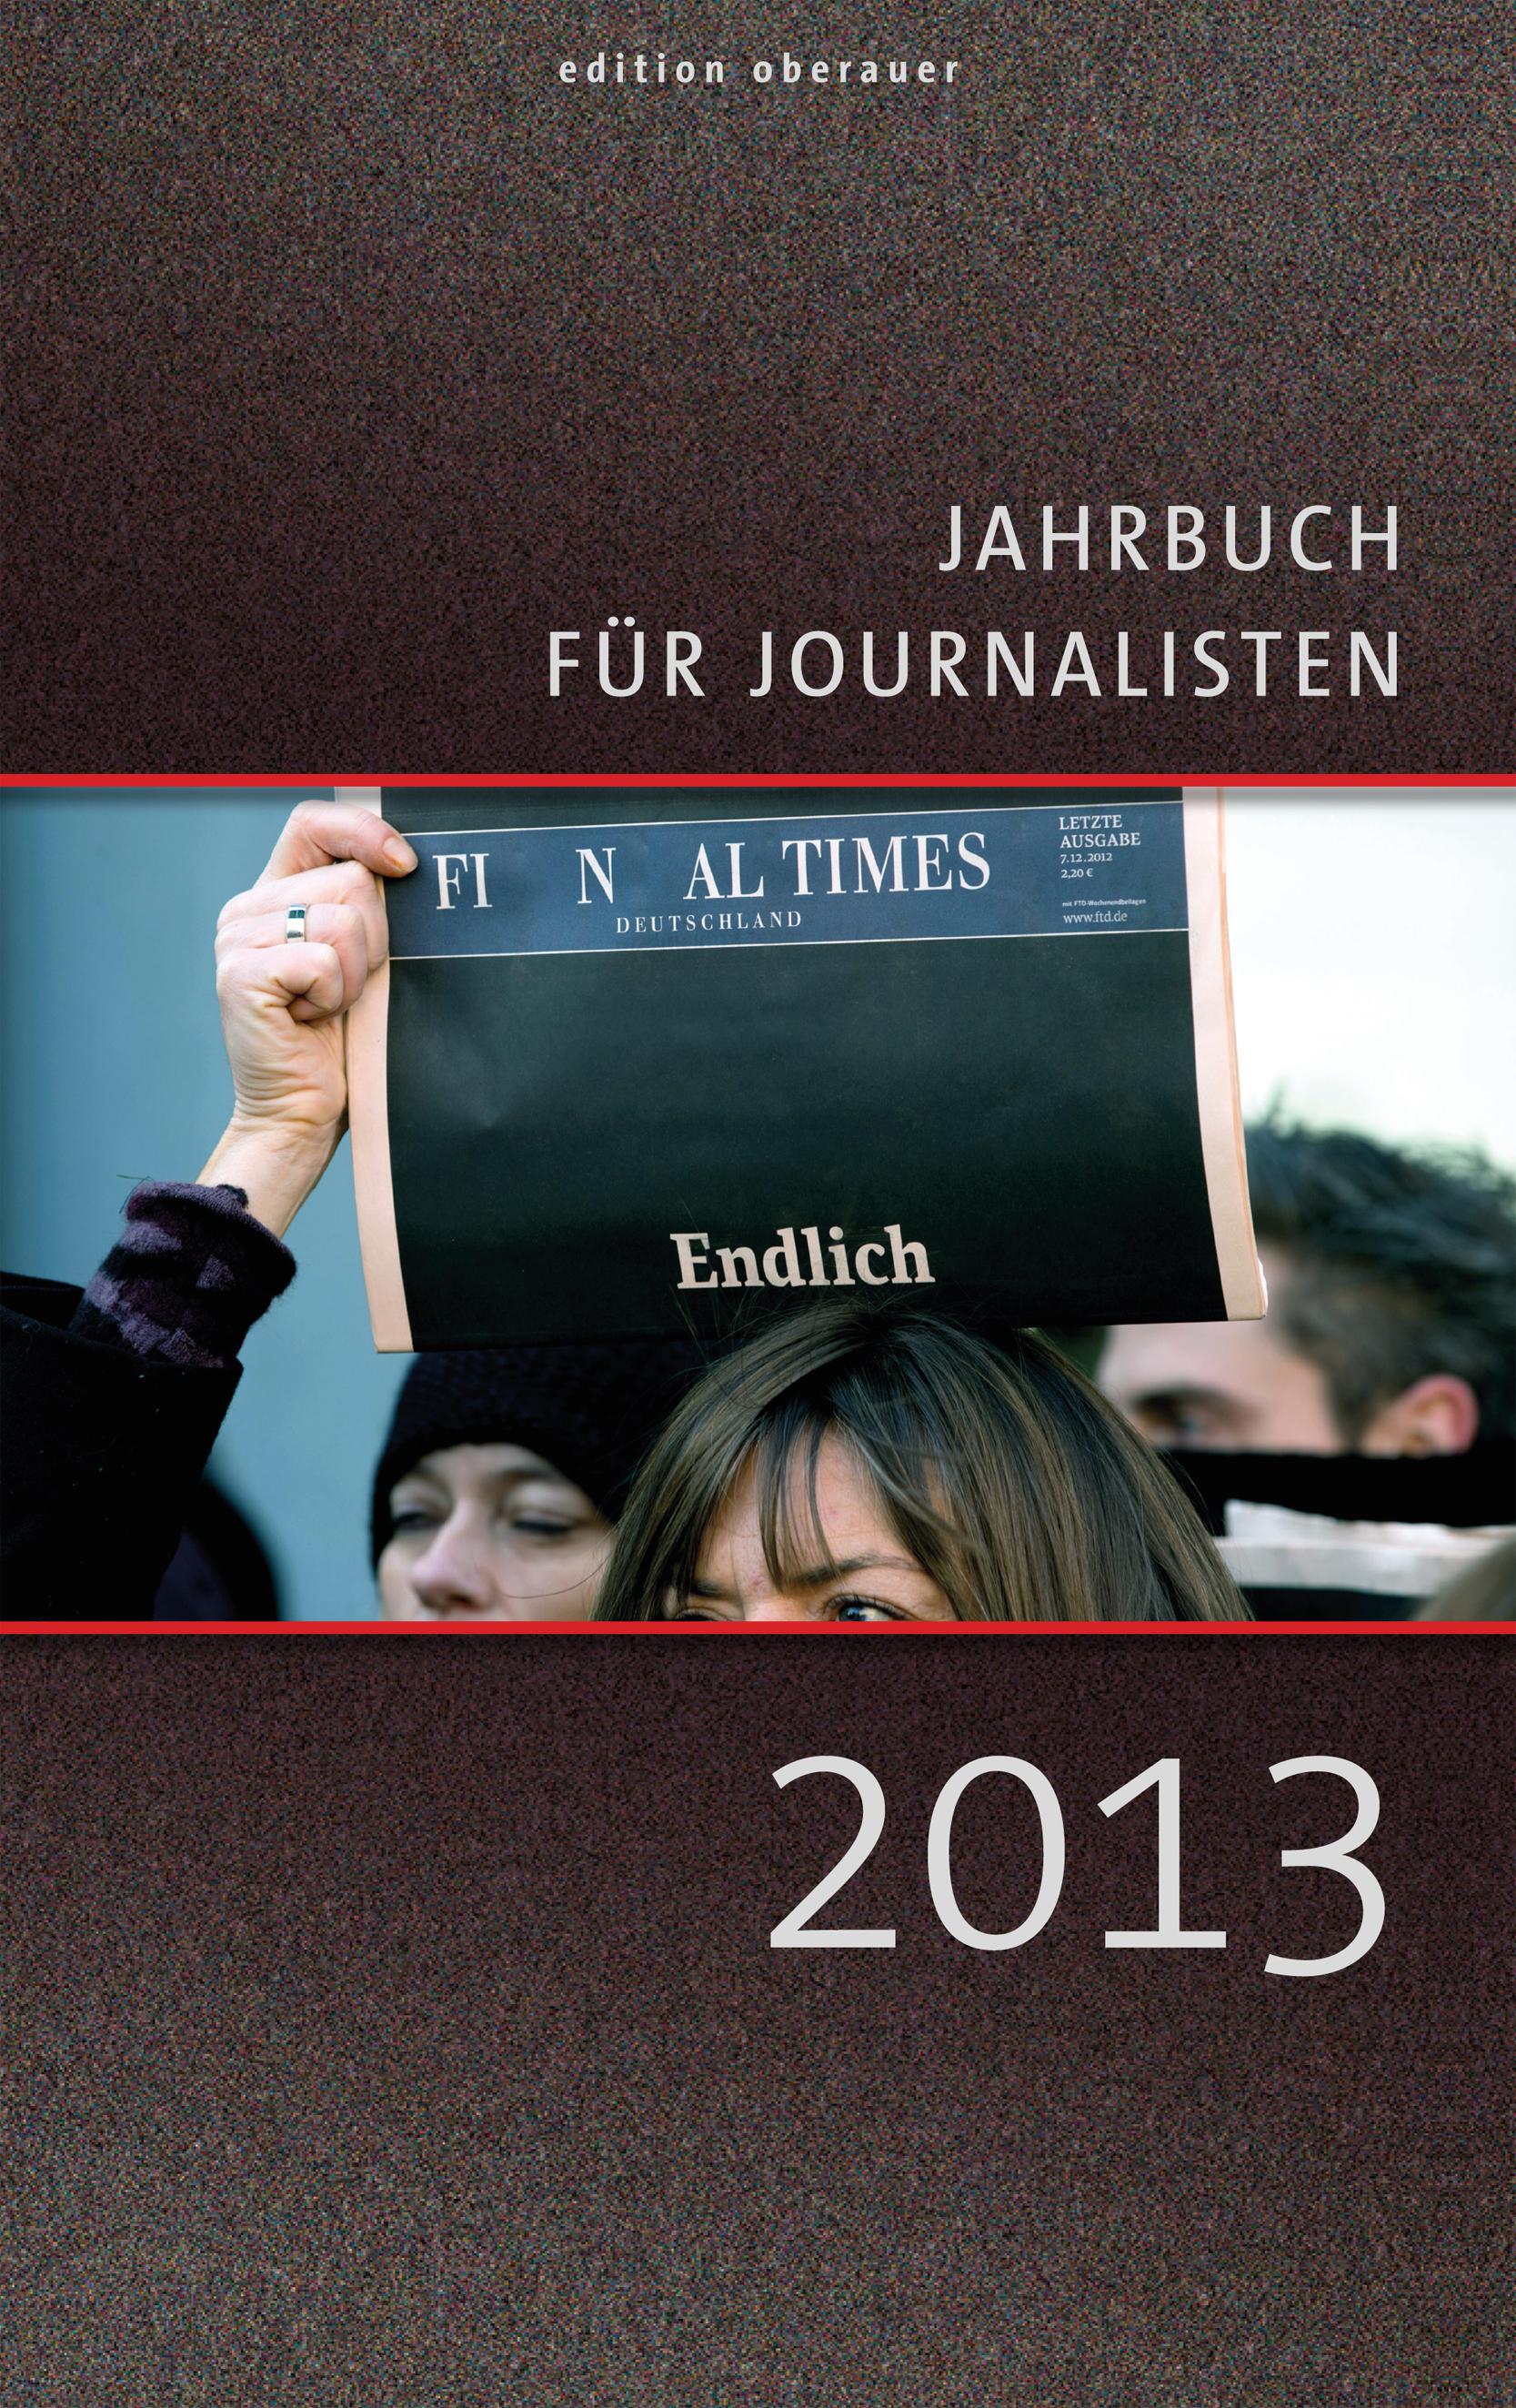 Jahrbuch für Journalisten 2013